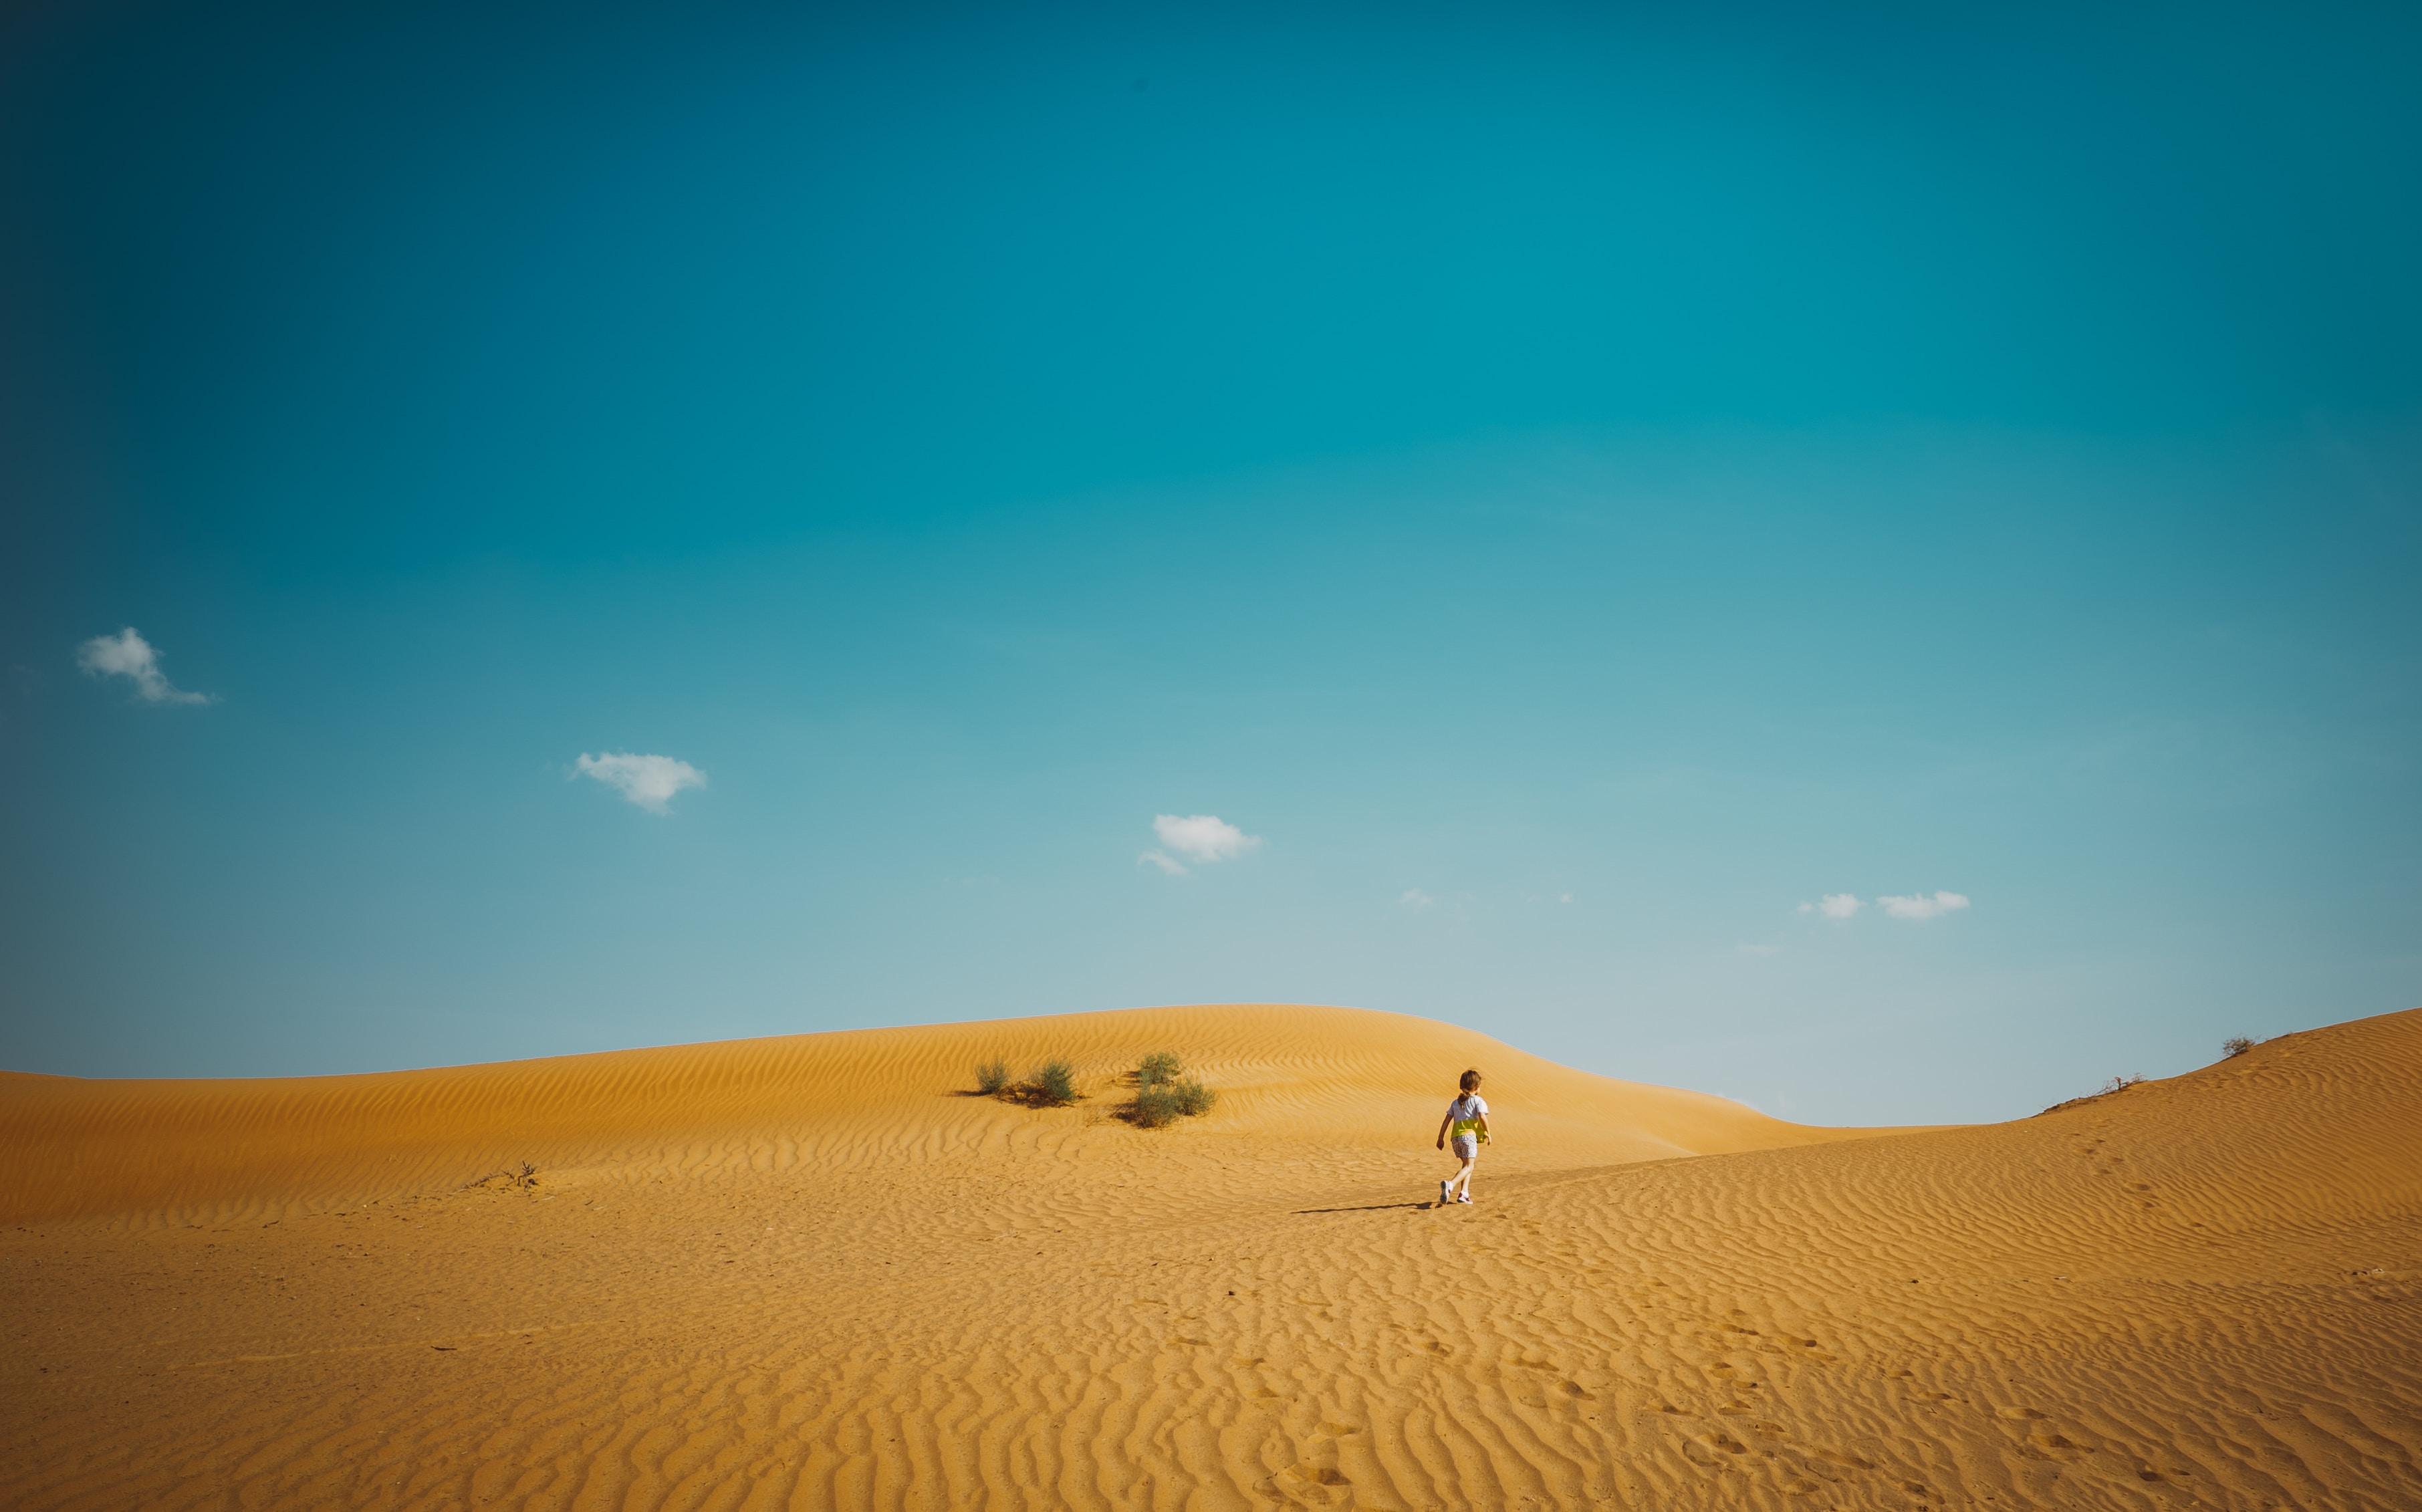 Girl walks alone in the dry sand dunes of the desert